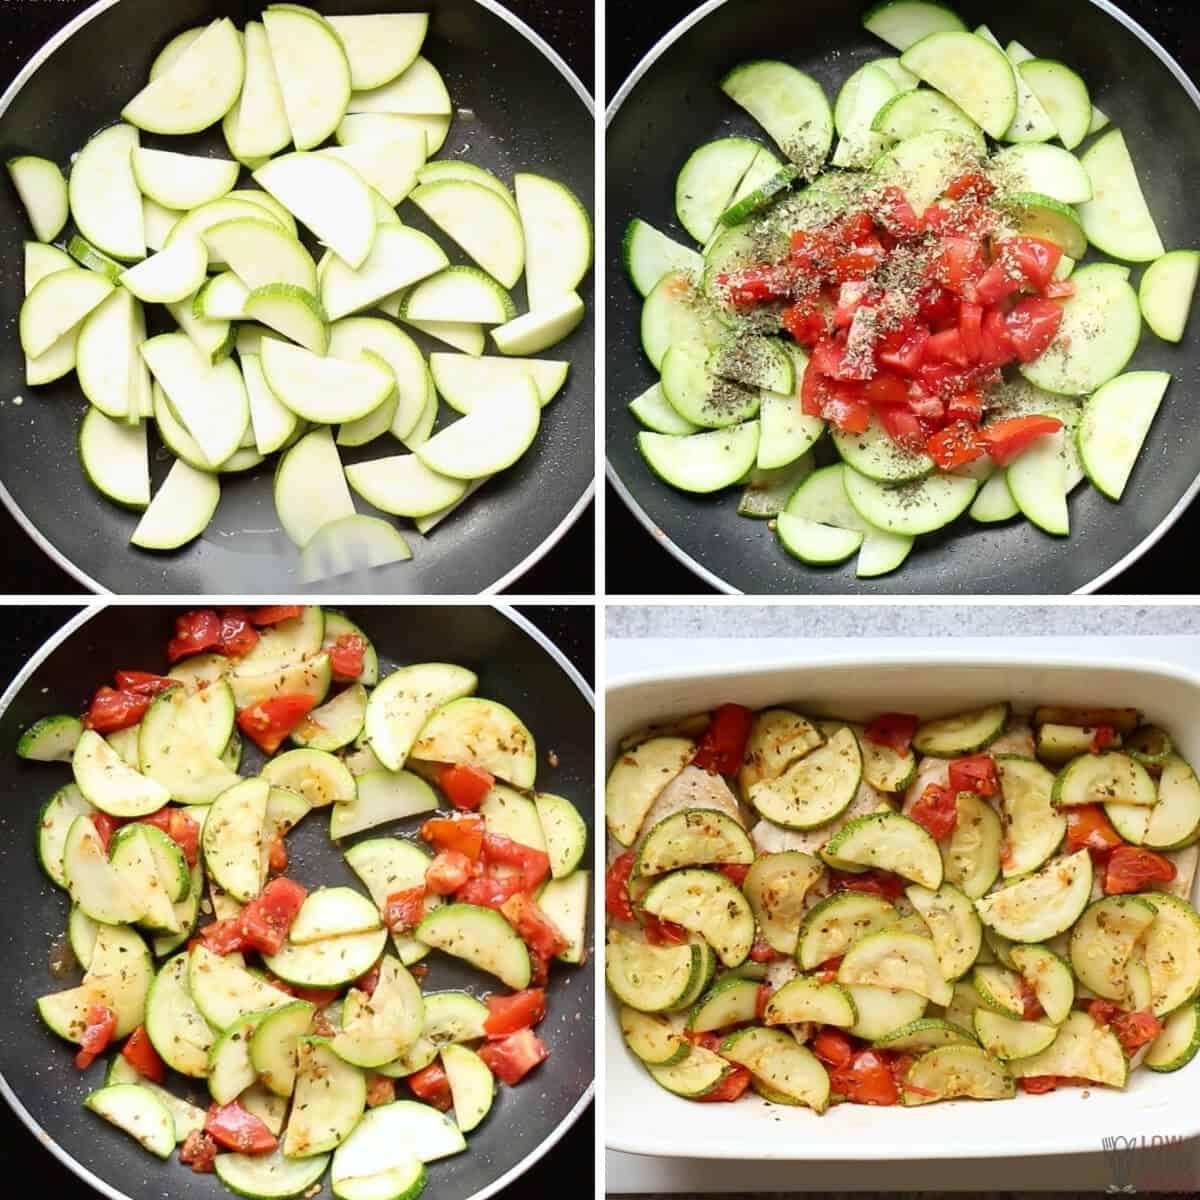 preparing the zucchini for the casserole